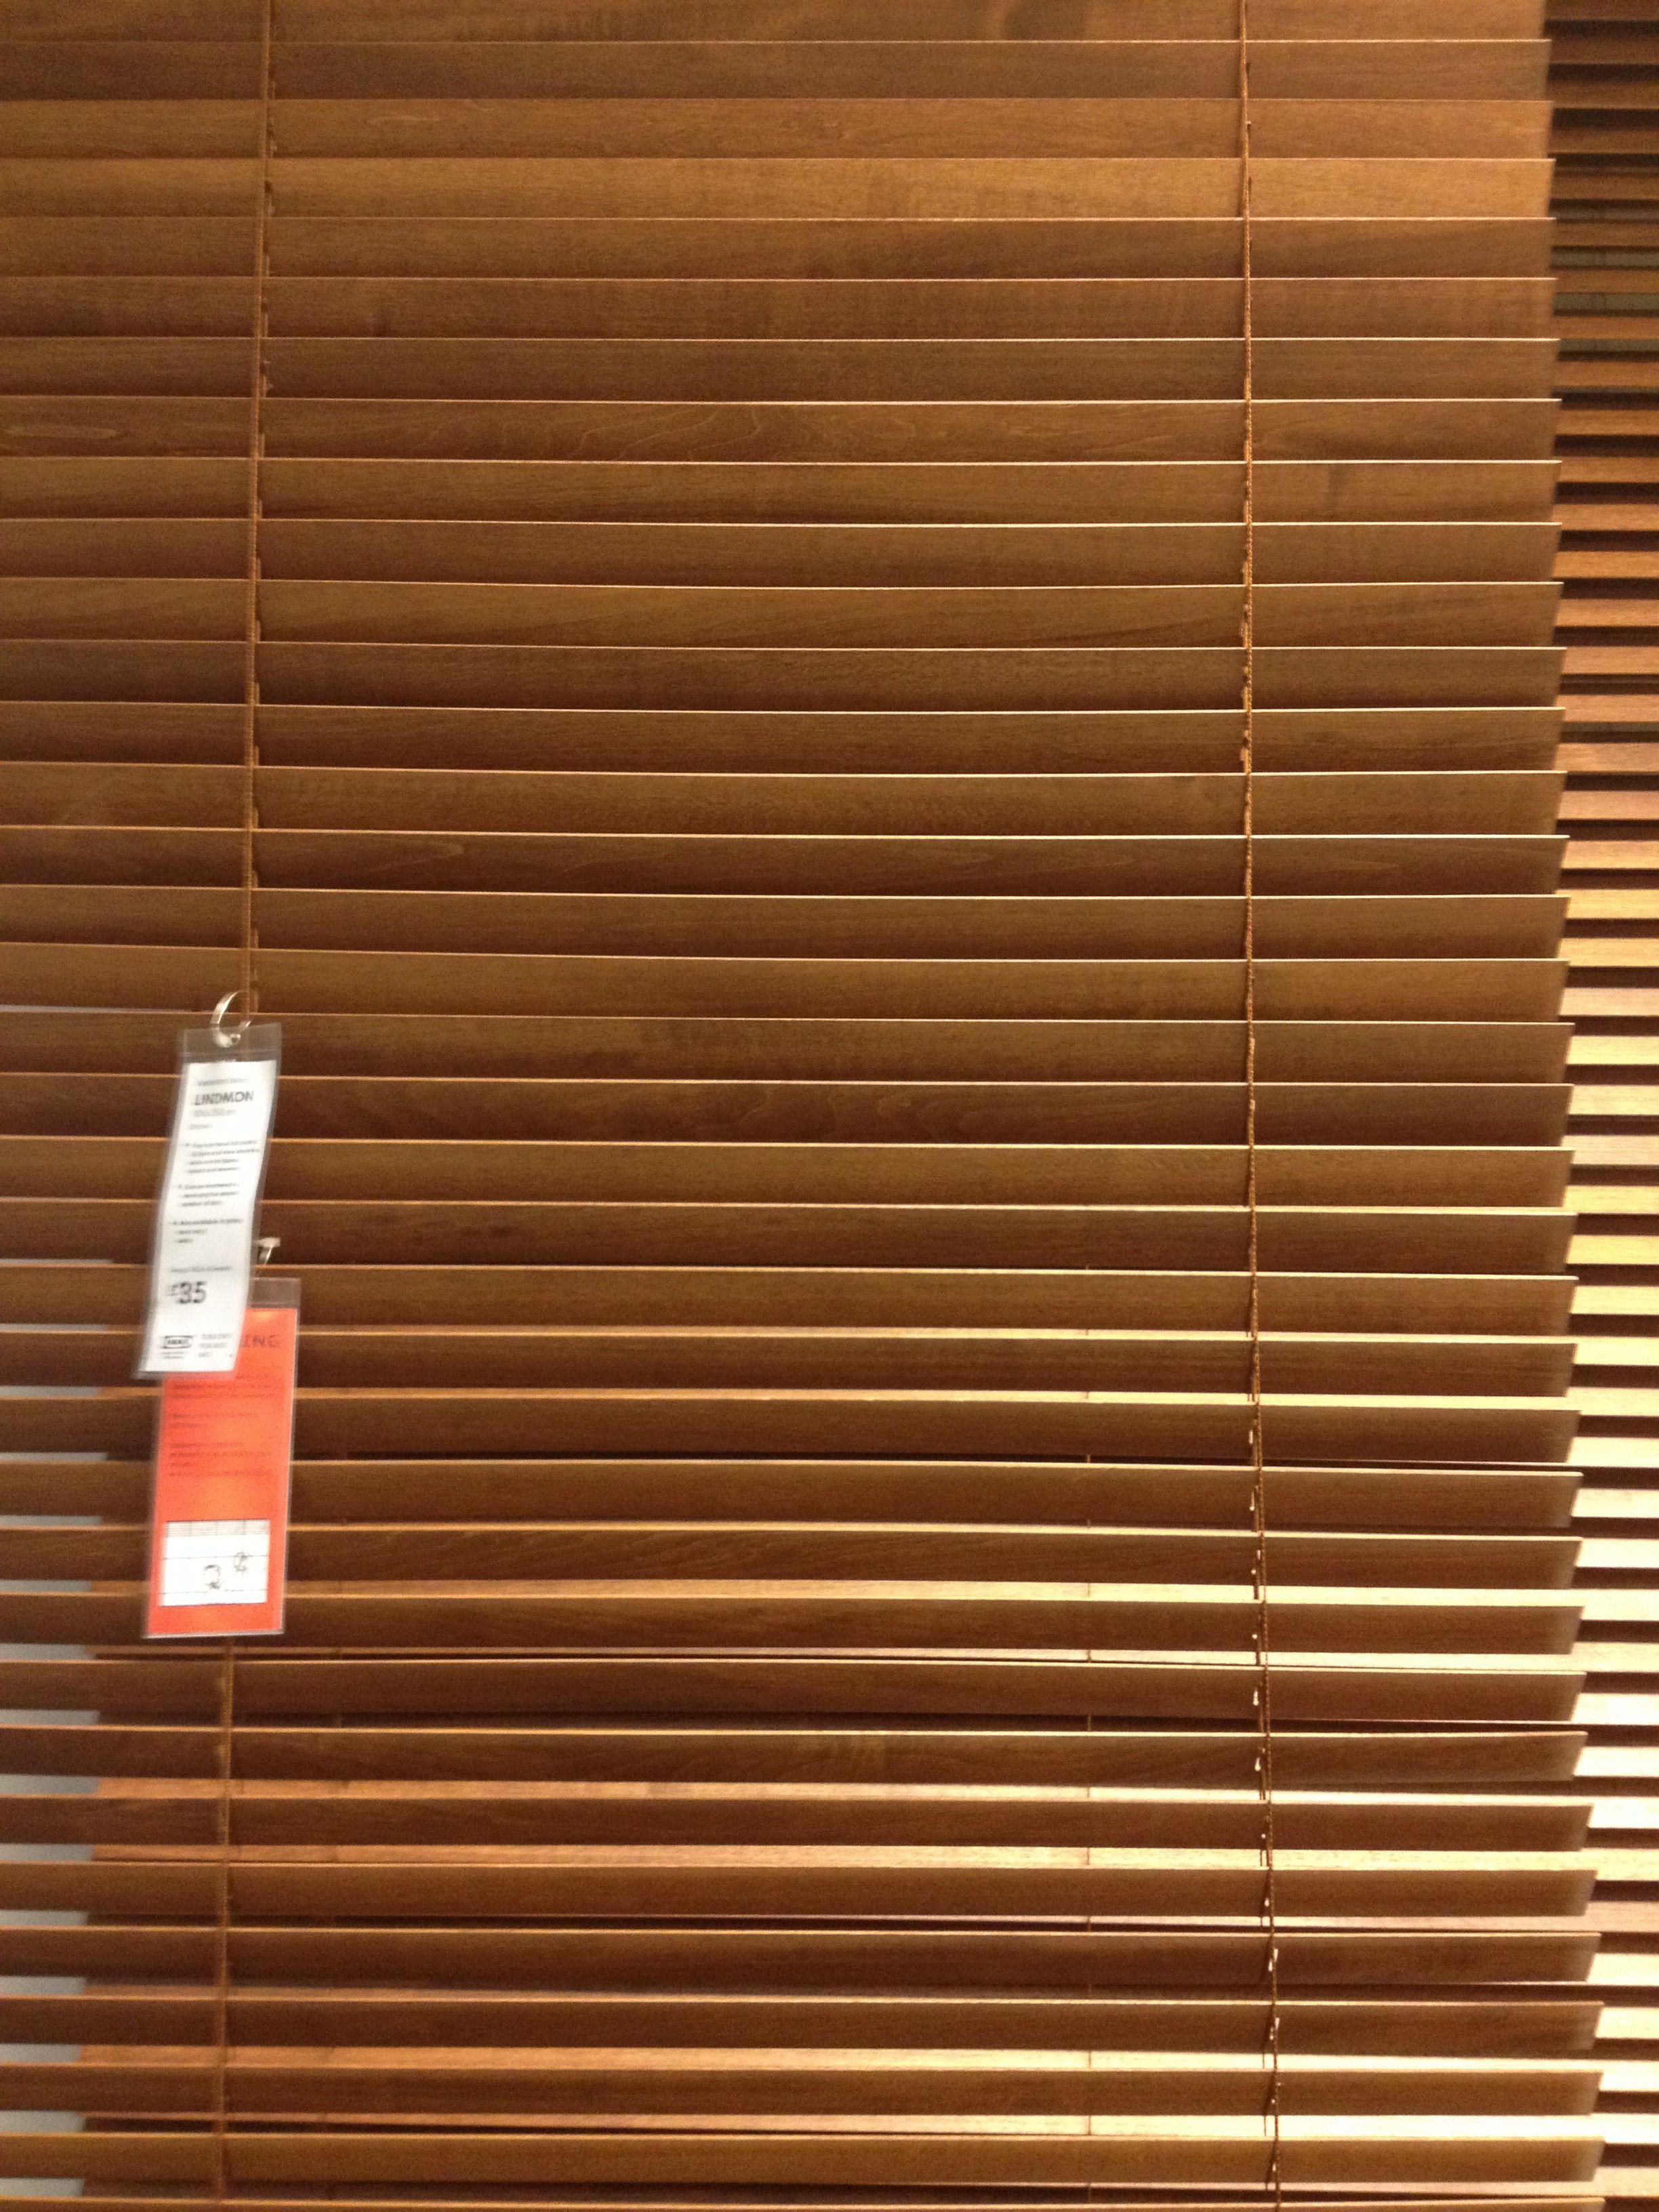 Wooden Blinds Ikea Faux Wood Blinds Sliding Door Blinds Wooden Blinds